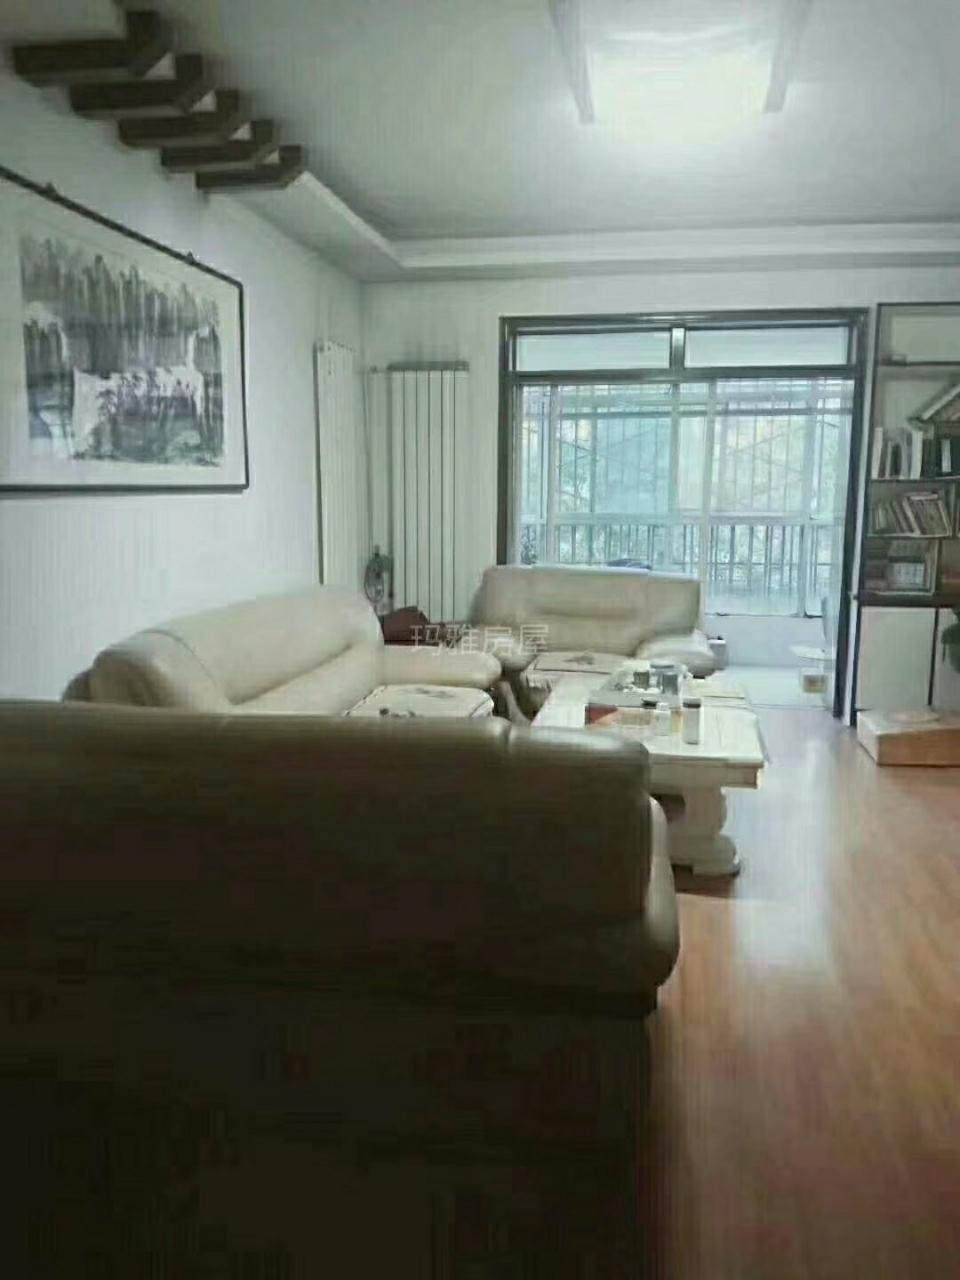 花苑小区3室 2厅 1卫48万元